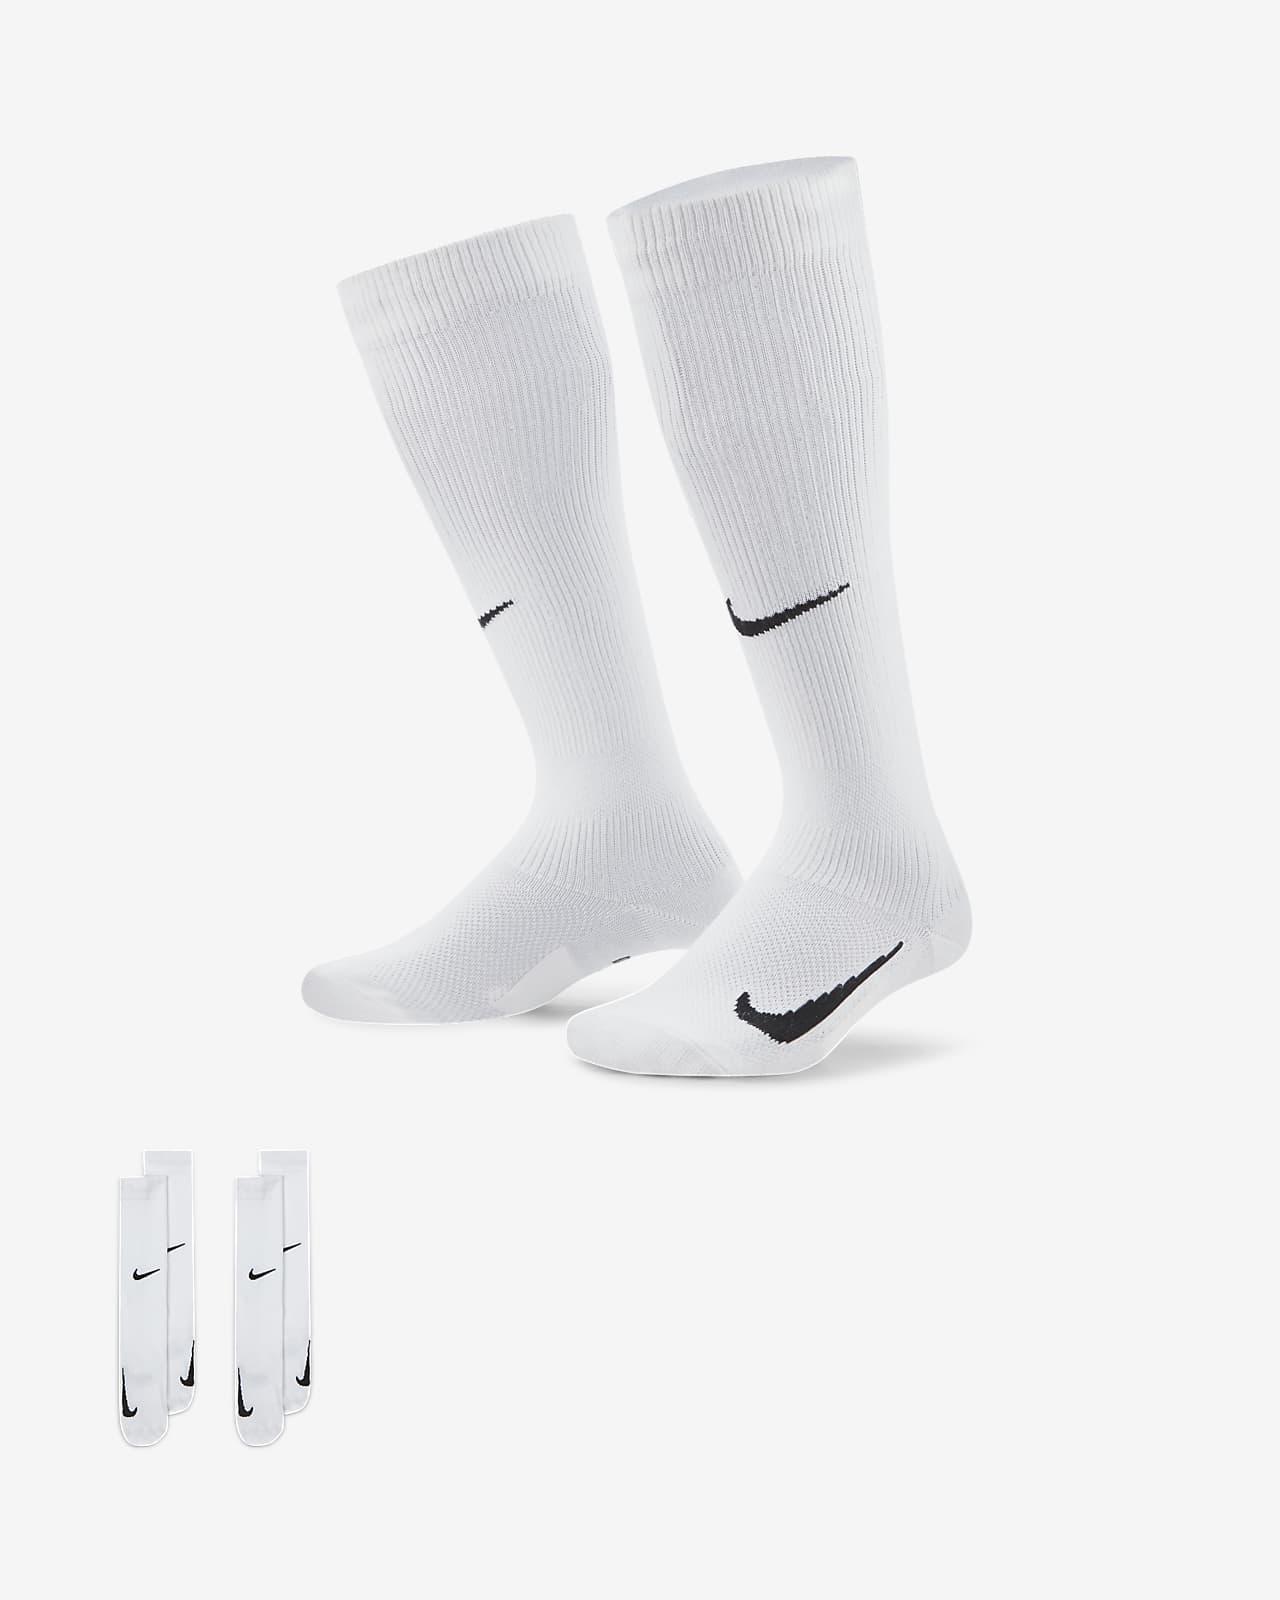 Calcetines hasta la rodilla para niños (2 pares) Nike Swoosh